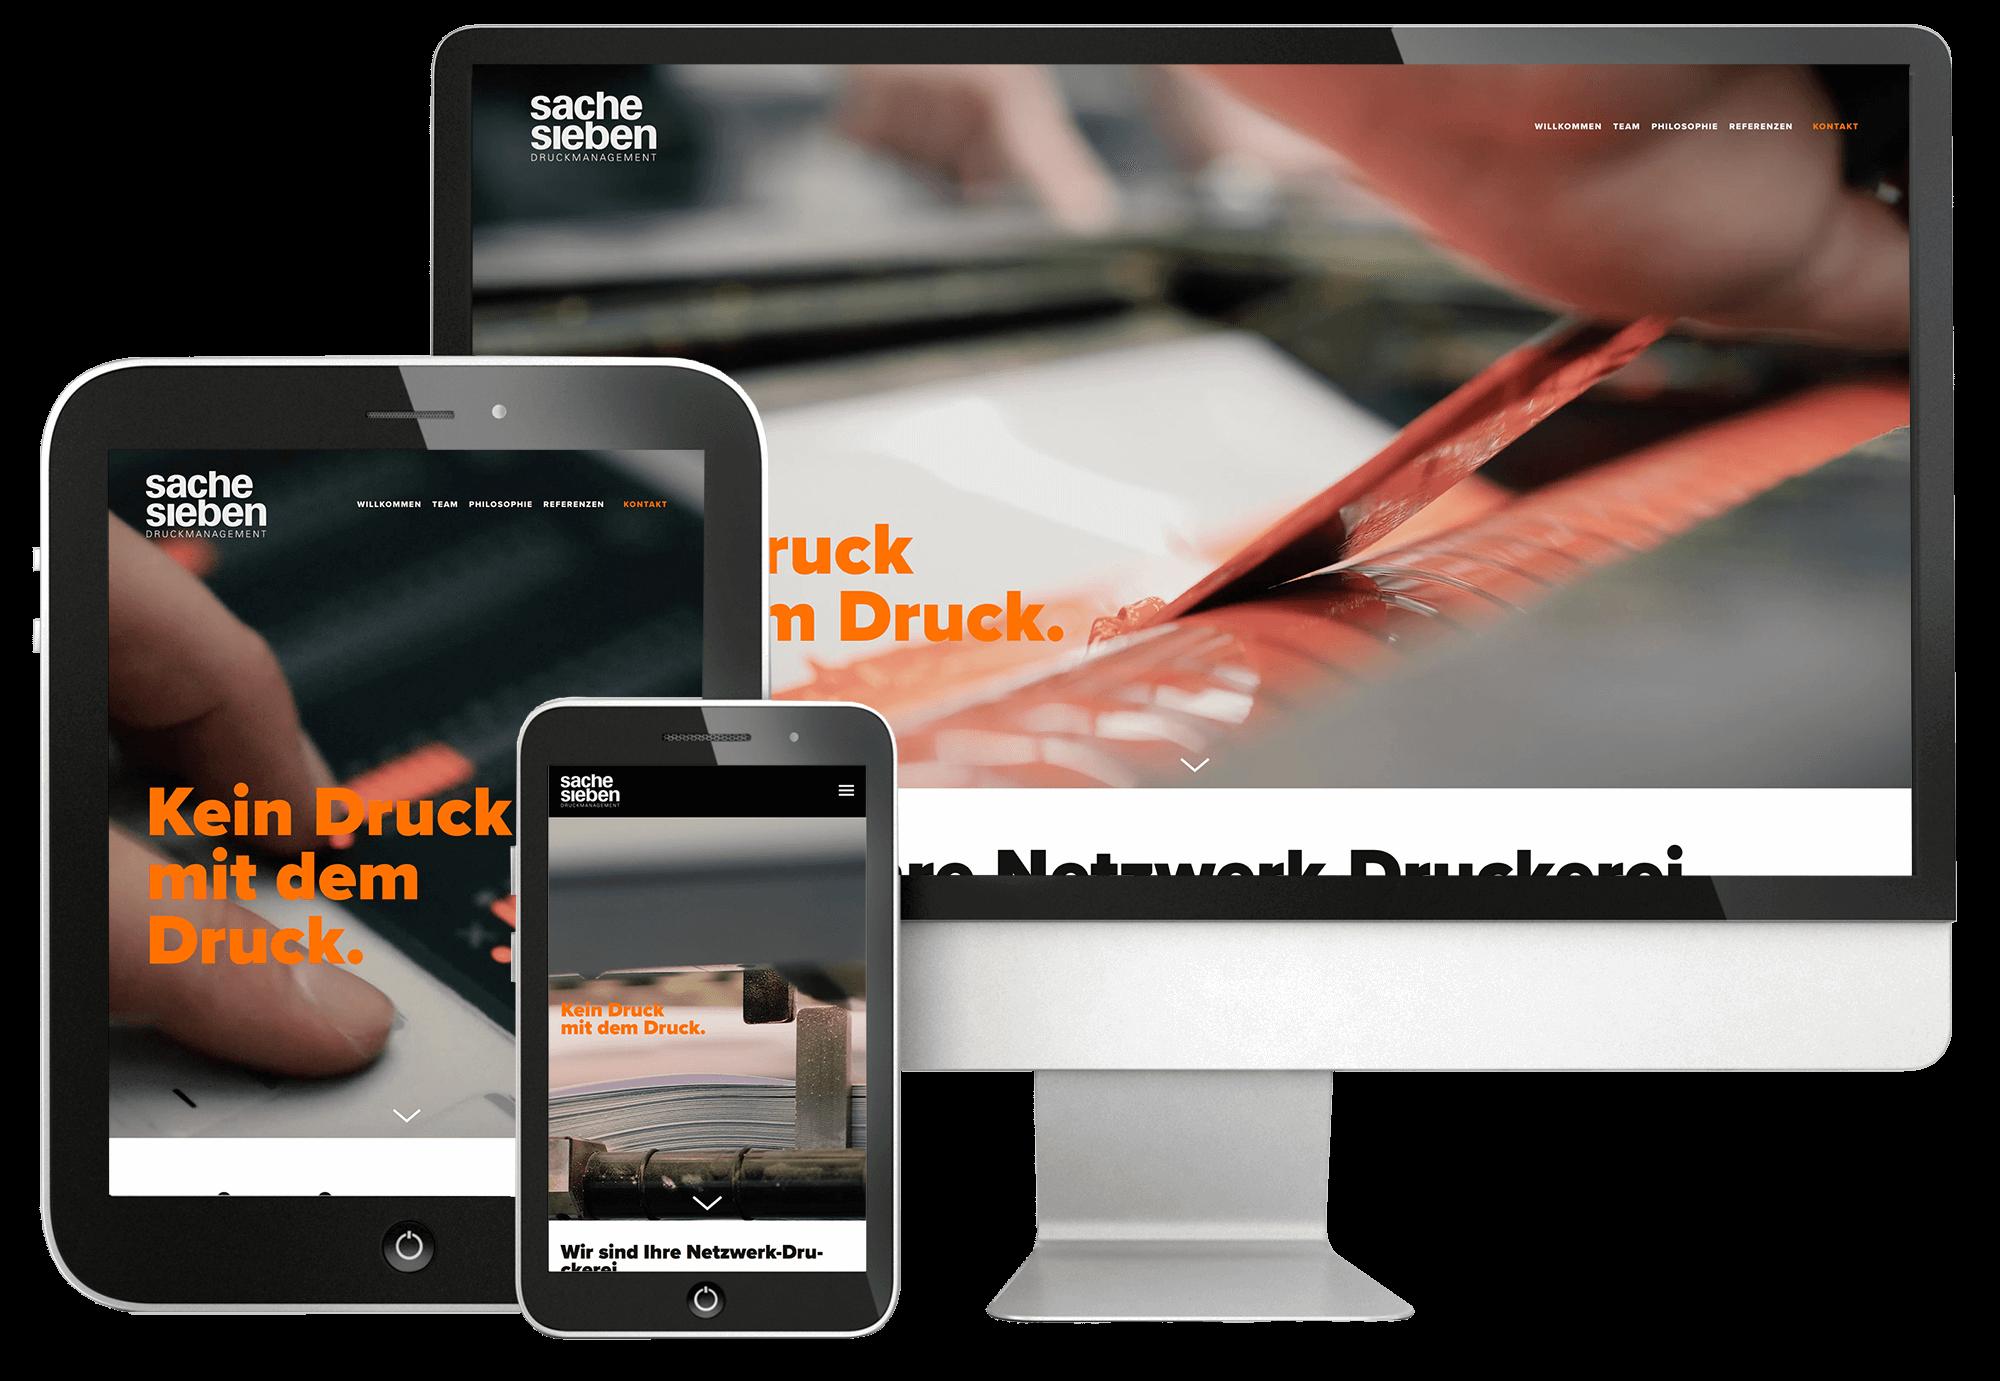 web_mockup_sachesieben.png